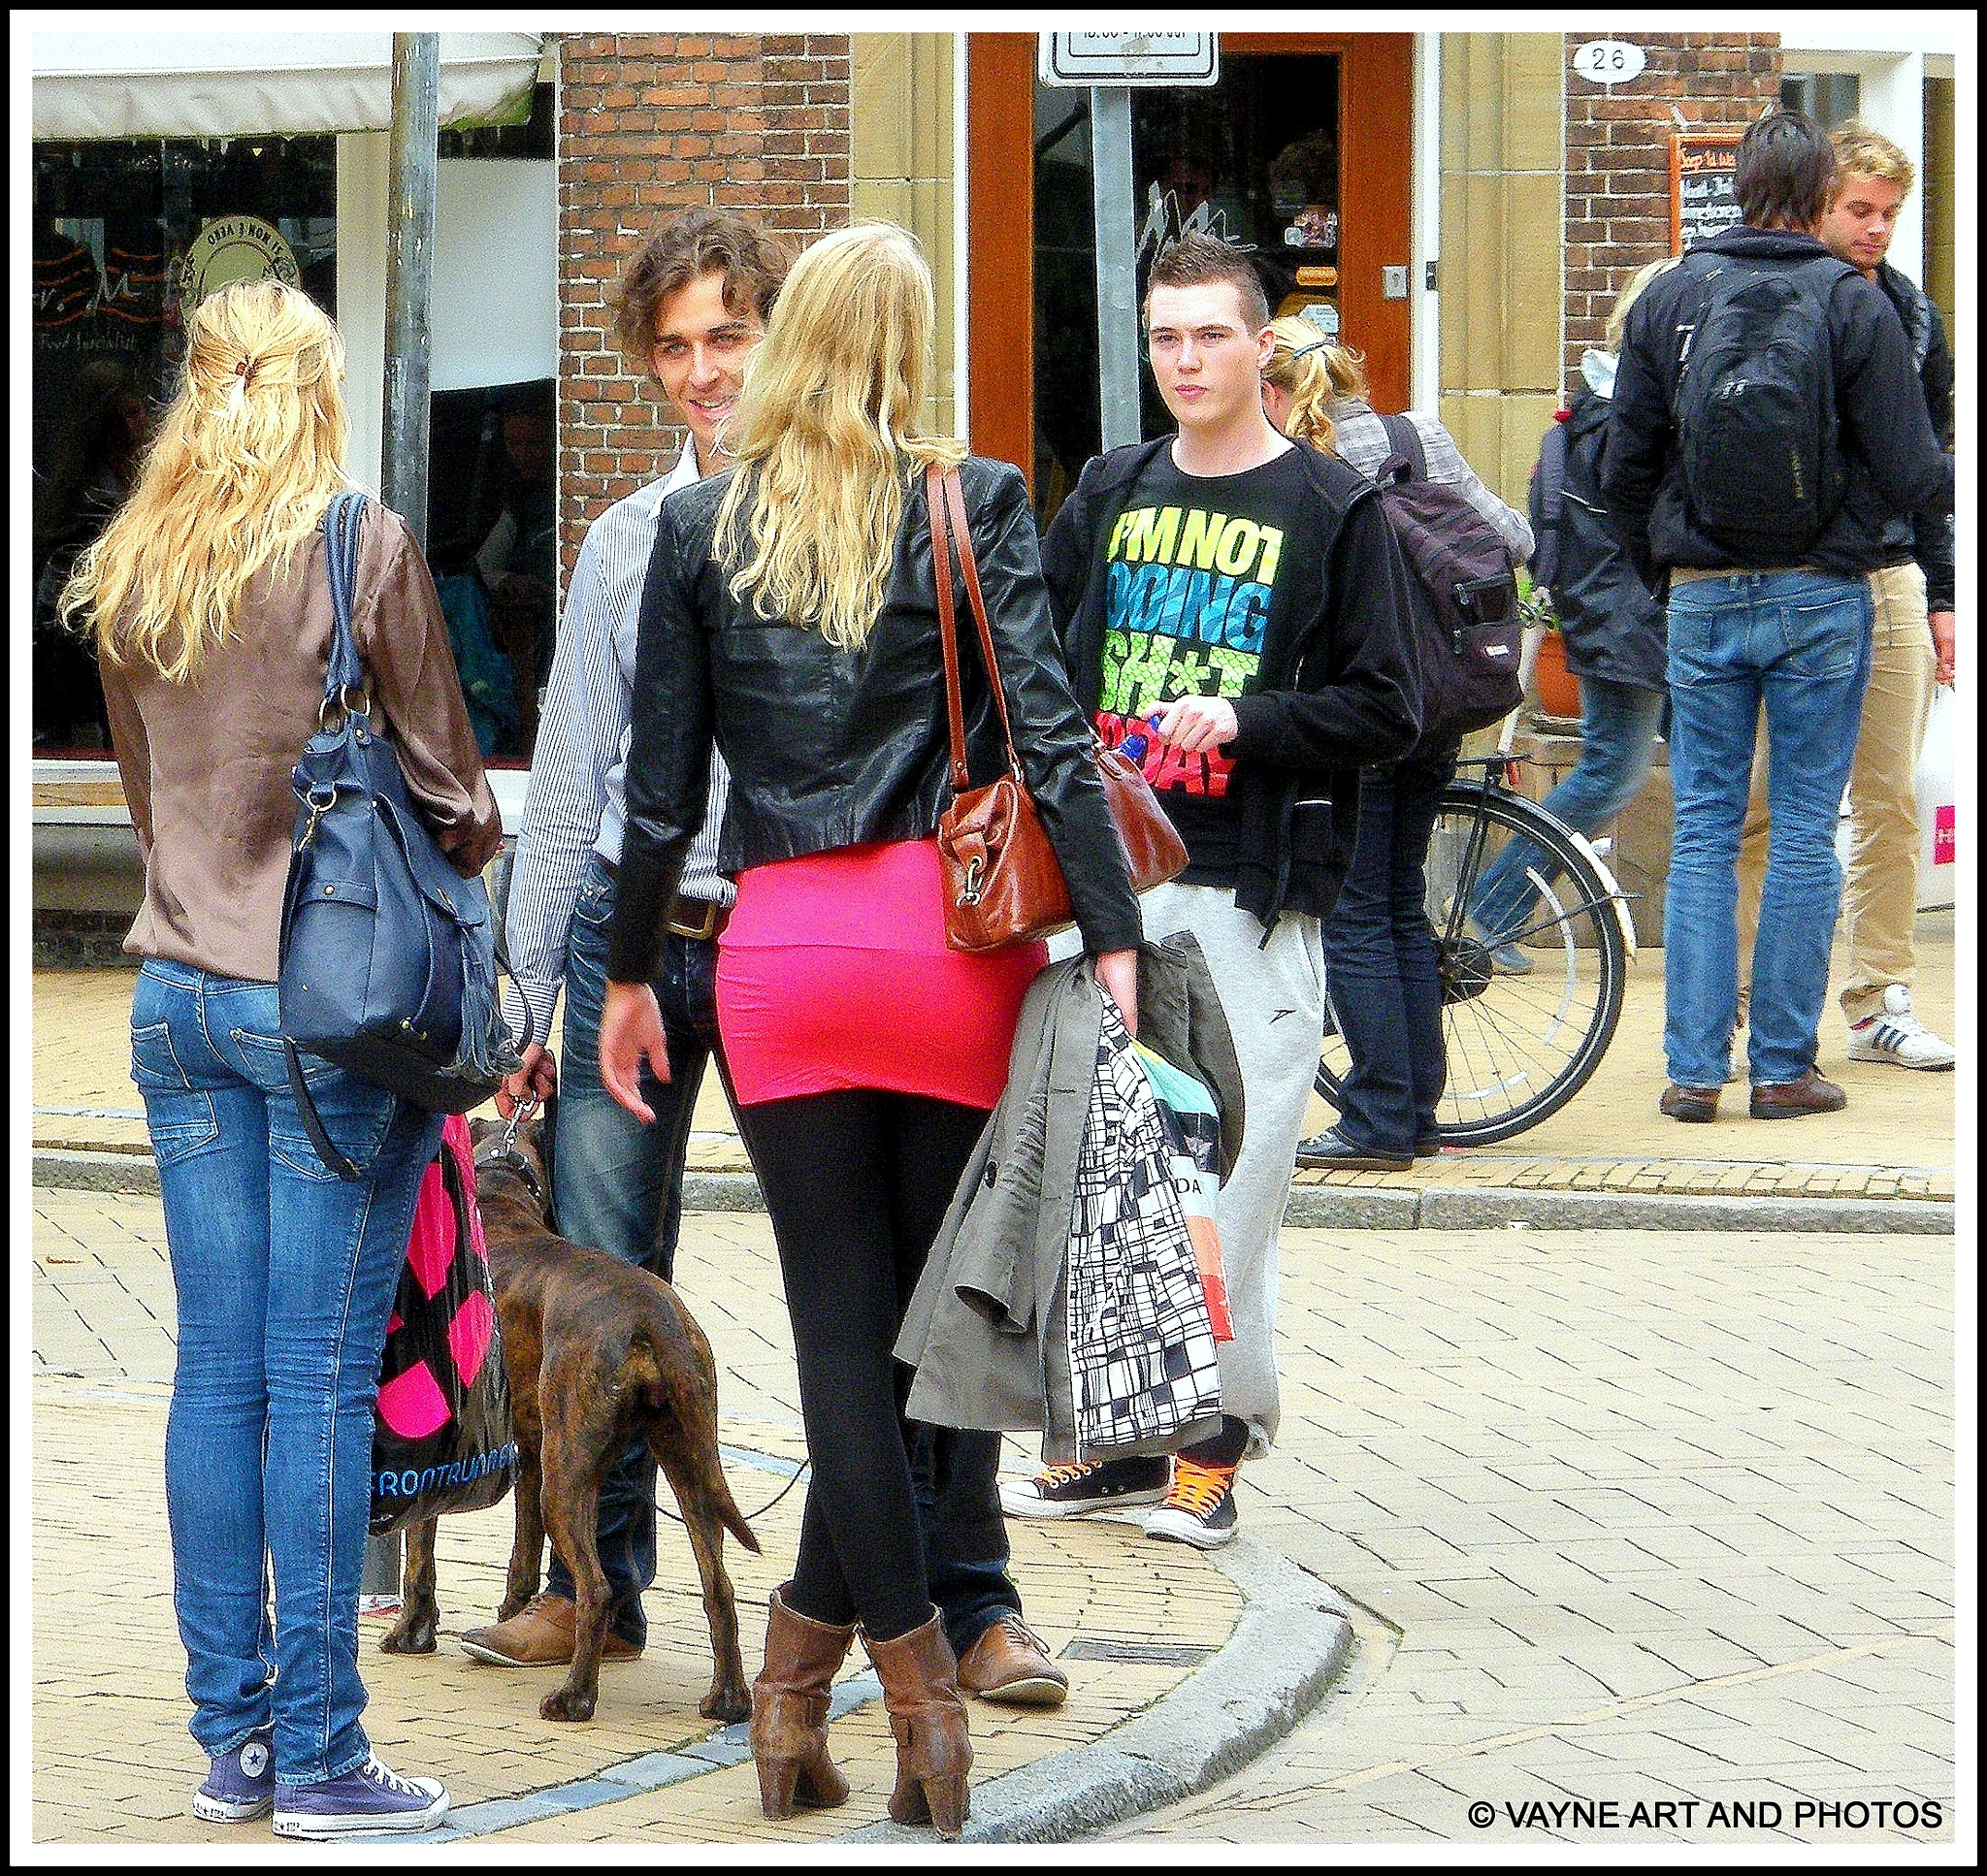 Crossed legs by Jacob van der Veen